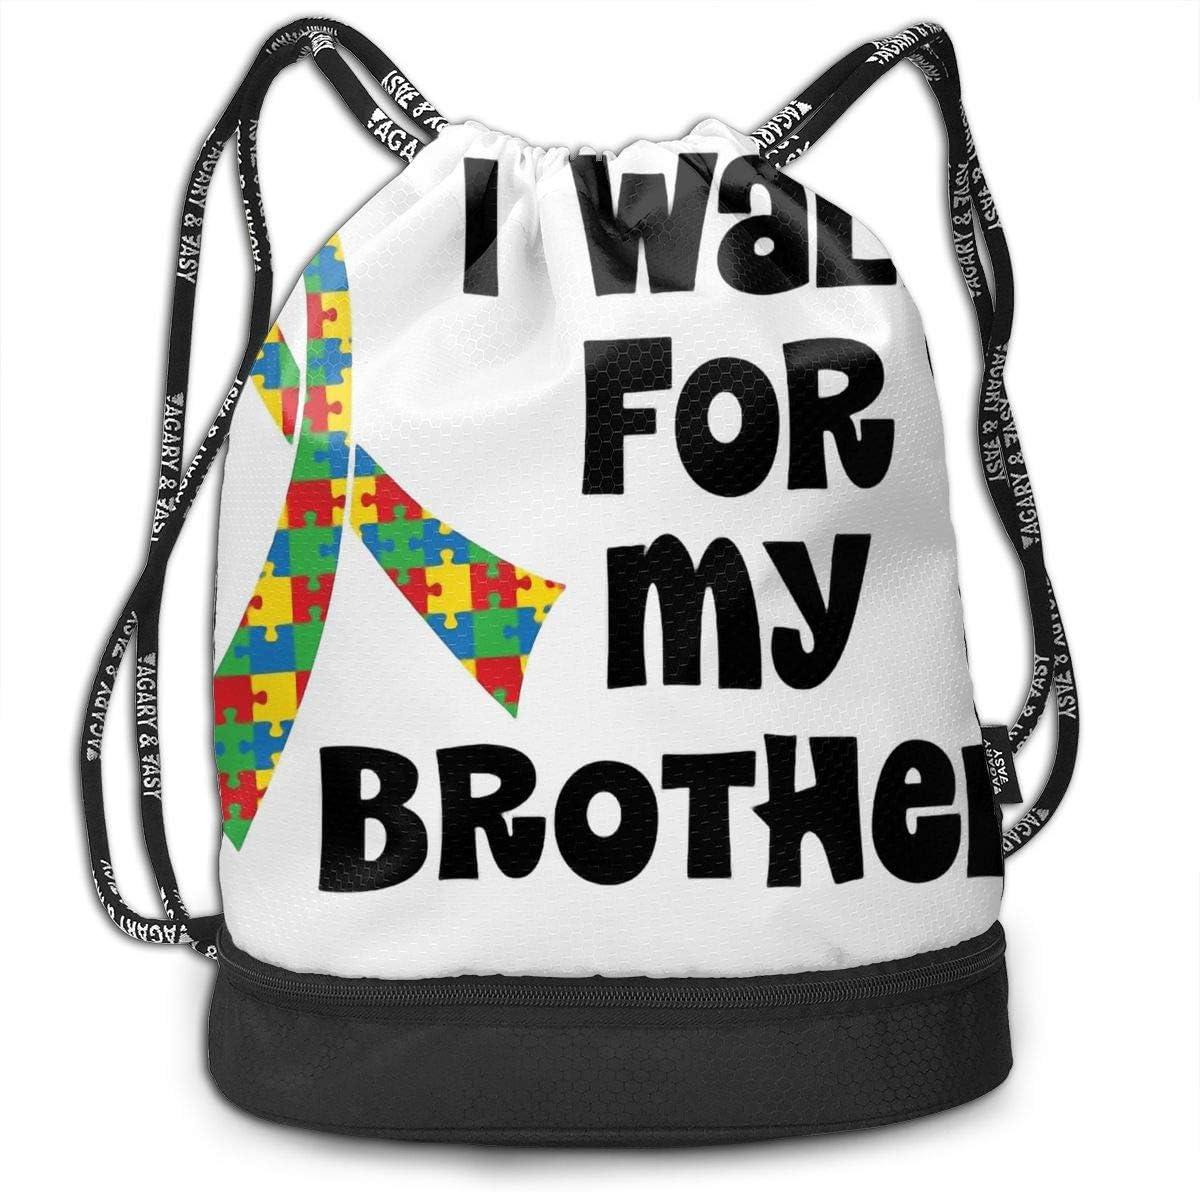 HUOPR5Q Autism Awareness Drawstring Backpack Sport Gym Sack Shoulder Bulk Bag Dance Bag for School Travel